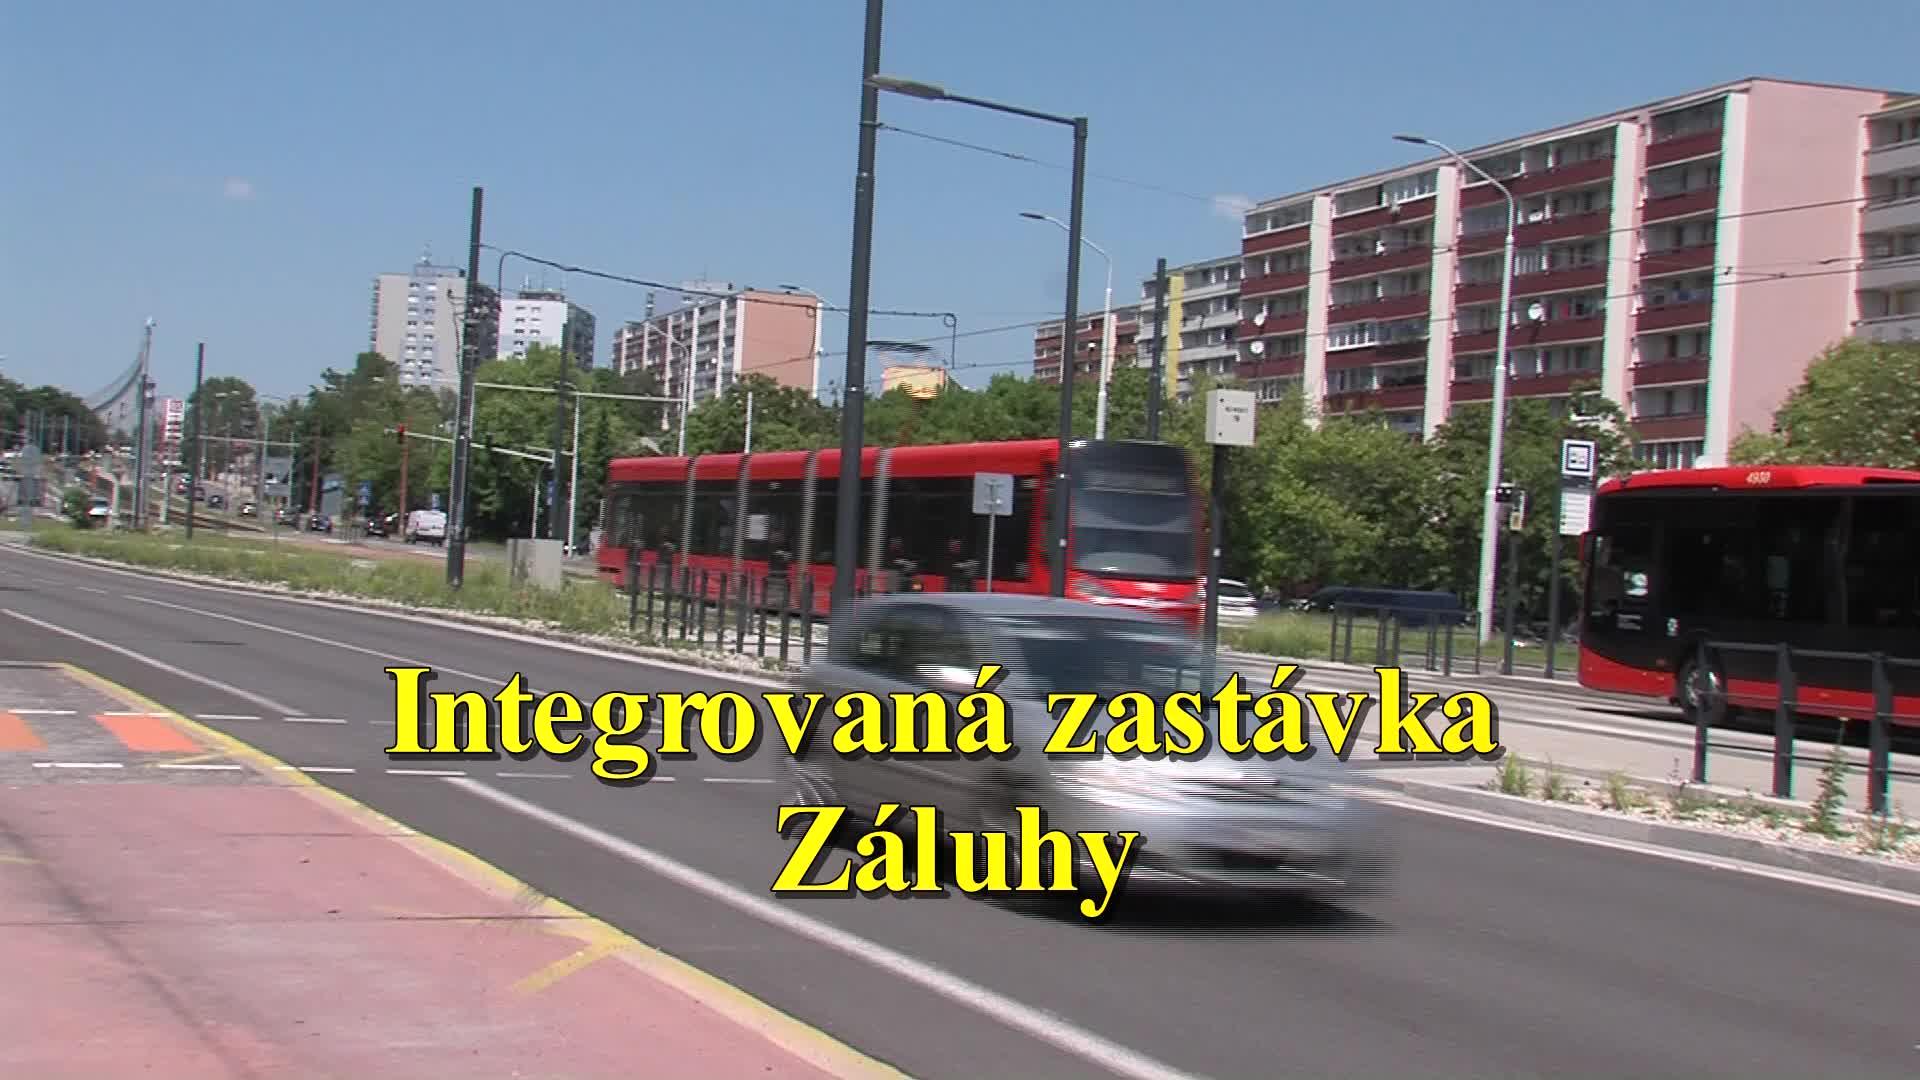 """ZDRUŽENÁ ZASTÁVKA ZÁLUHY🚡🚋🚕 Značka priechod pre chodcov, zvyšok niekdajšej """"zebry"""" na vozovke, staré prístrešky pri nevyužívanej…"""